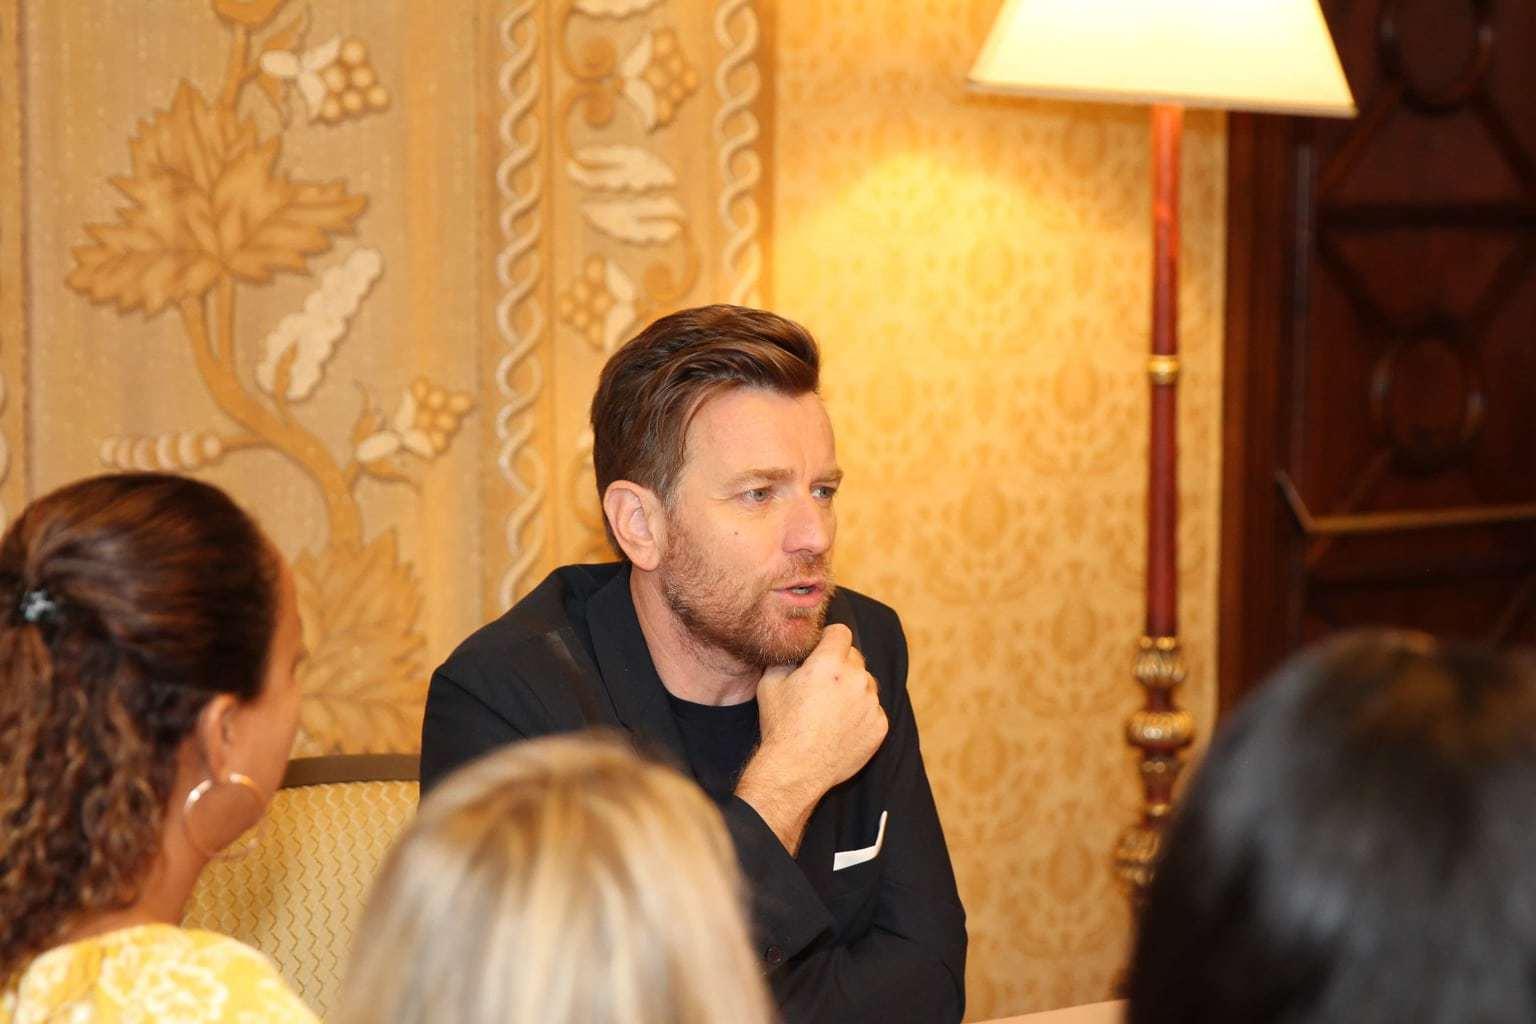 Ewan McGregor Interview, Disney's Christopher Robin movie, Ewan McGregor as Christopher Robin